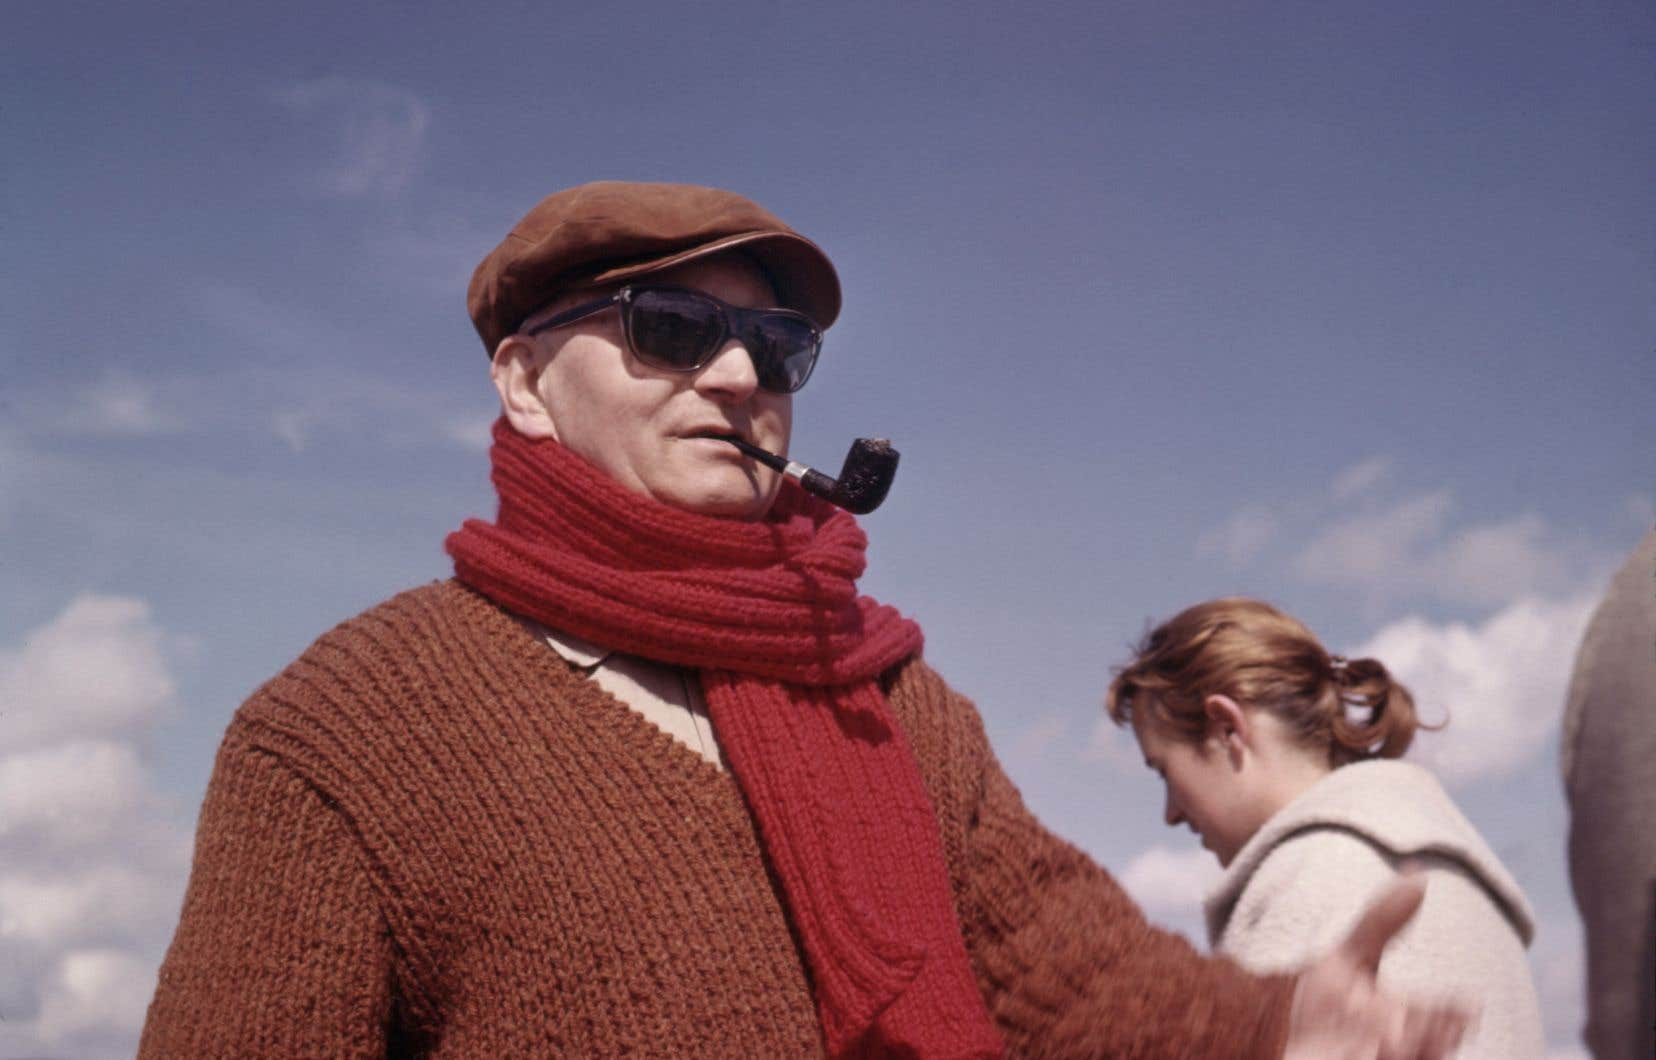 L'écrivain français Jean Giono est photographié sur le tournage d'un de ses films en 1970.